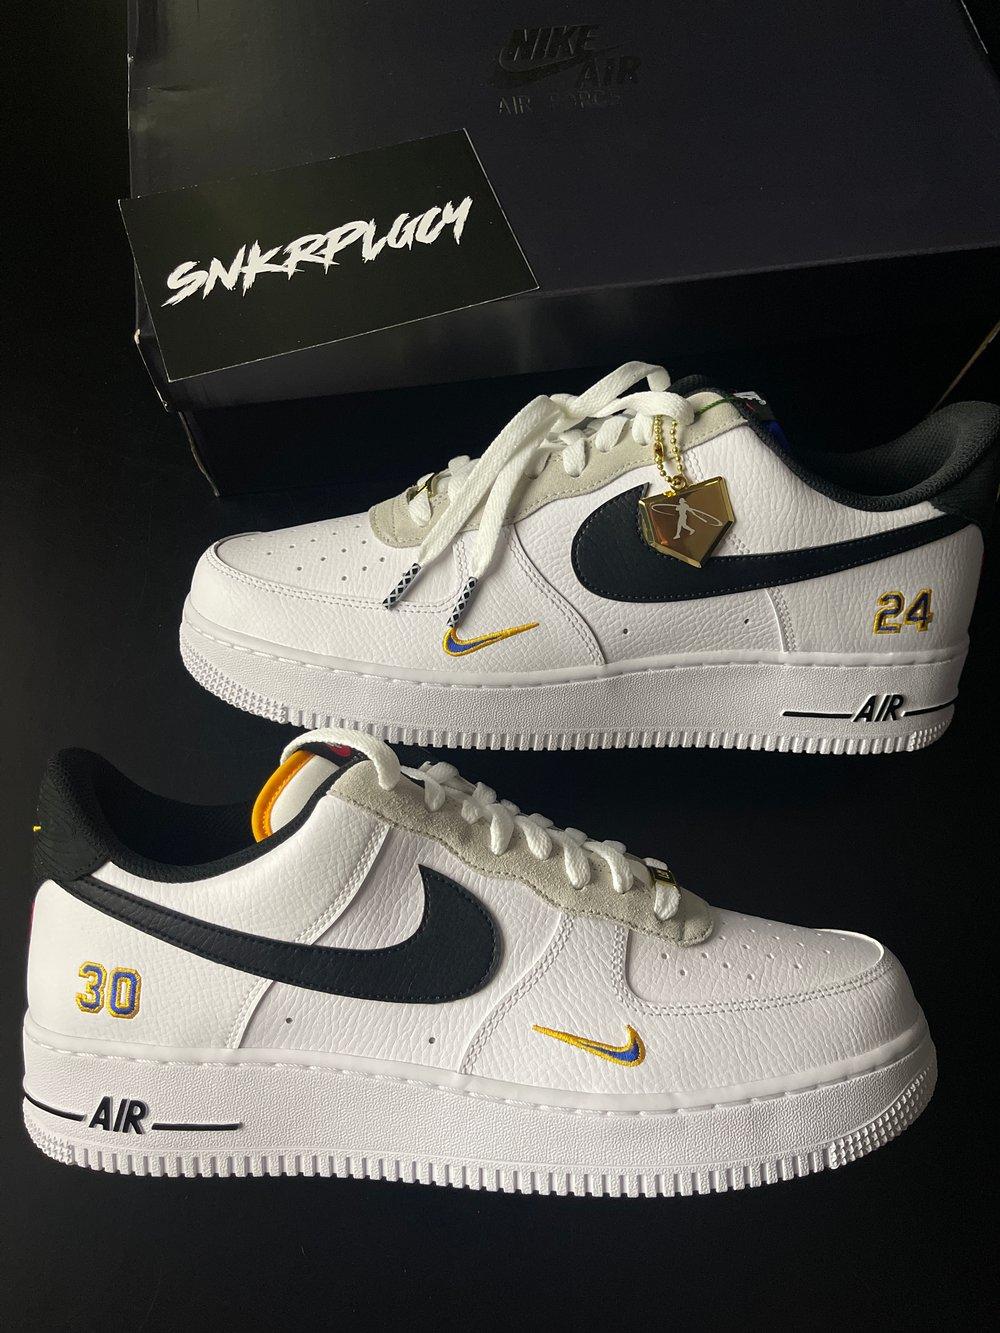 Nike Air Force 1 / Ken Griffey Jr. and Sir. Swingman